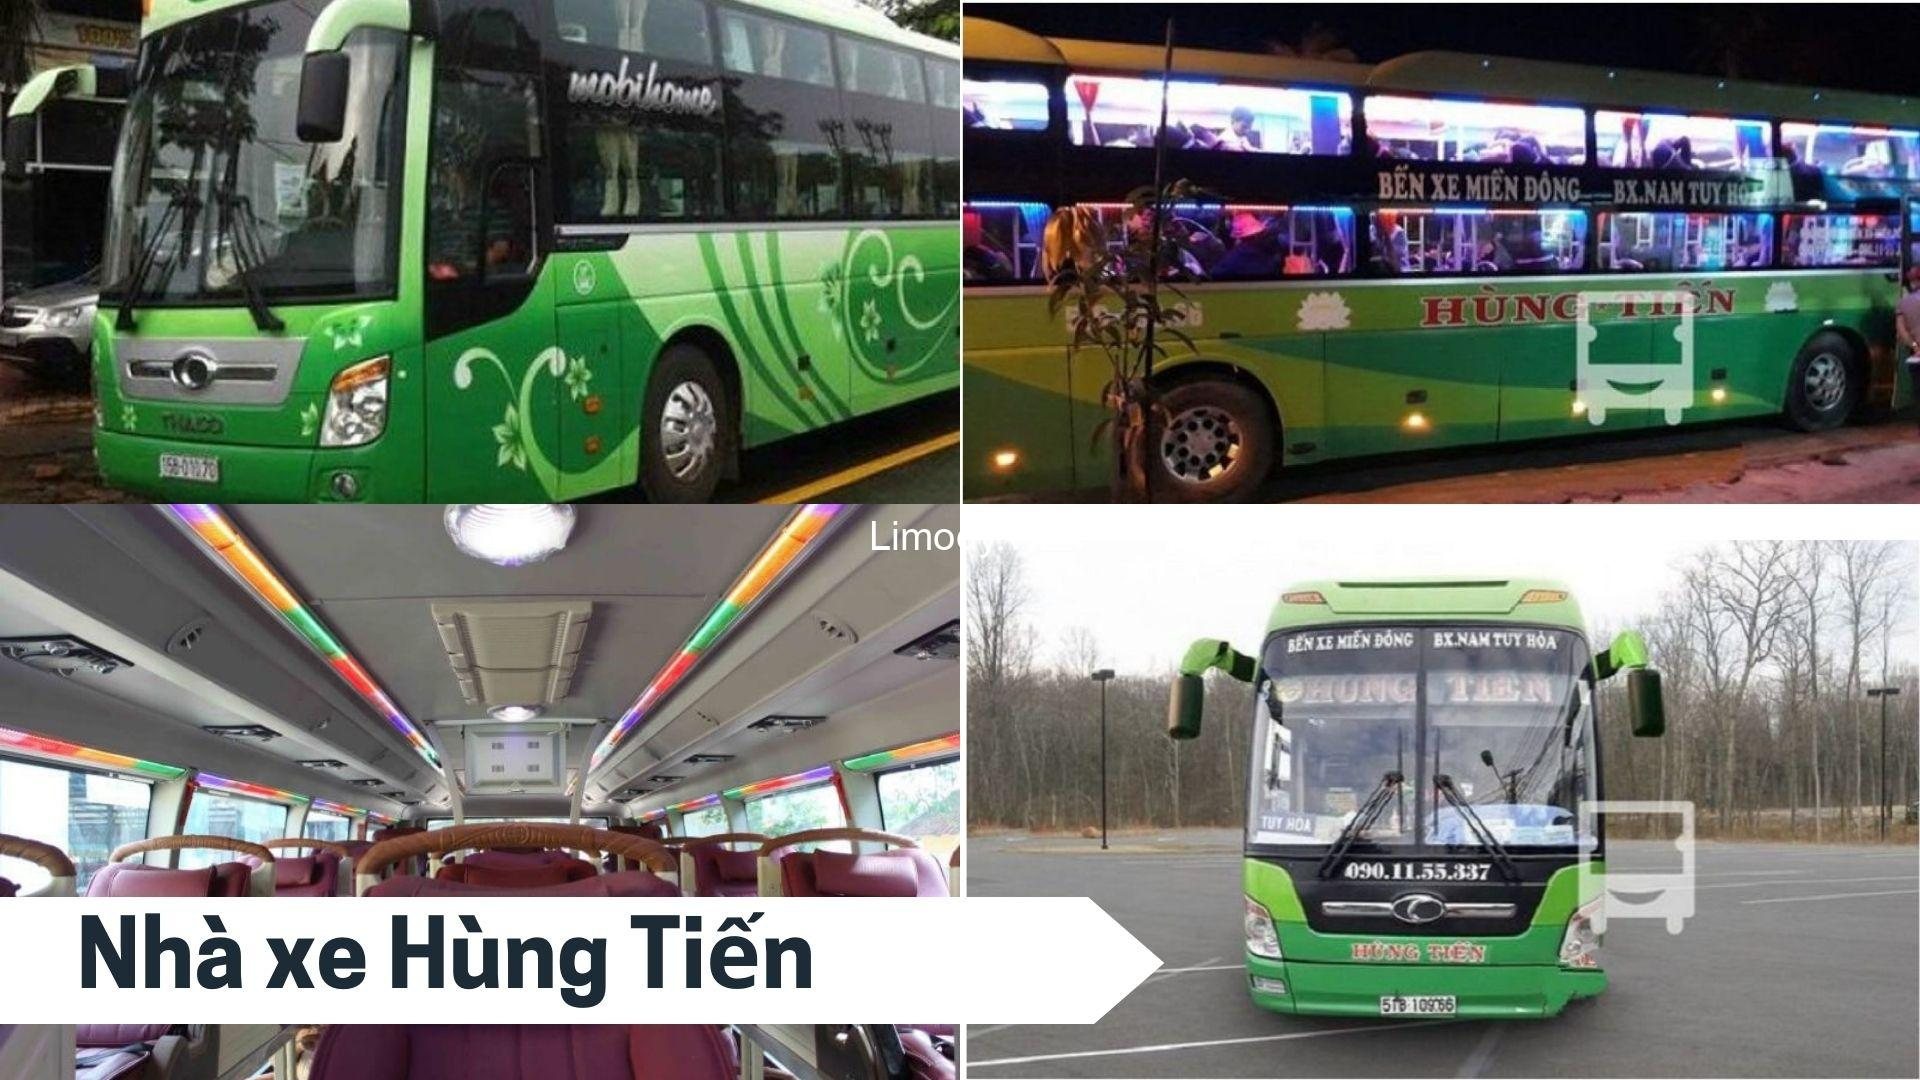 Xe Hùng Tiến: Bến xe, giá vé, số điện thoại đặt vé đi Phú Yên Sài Gòn